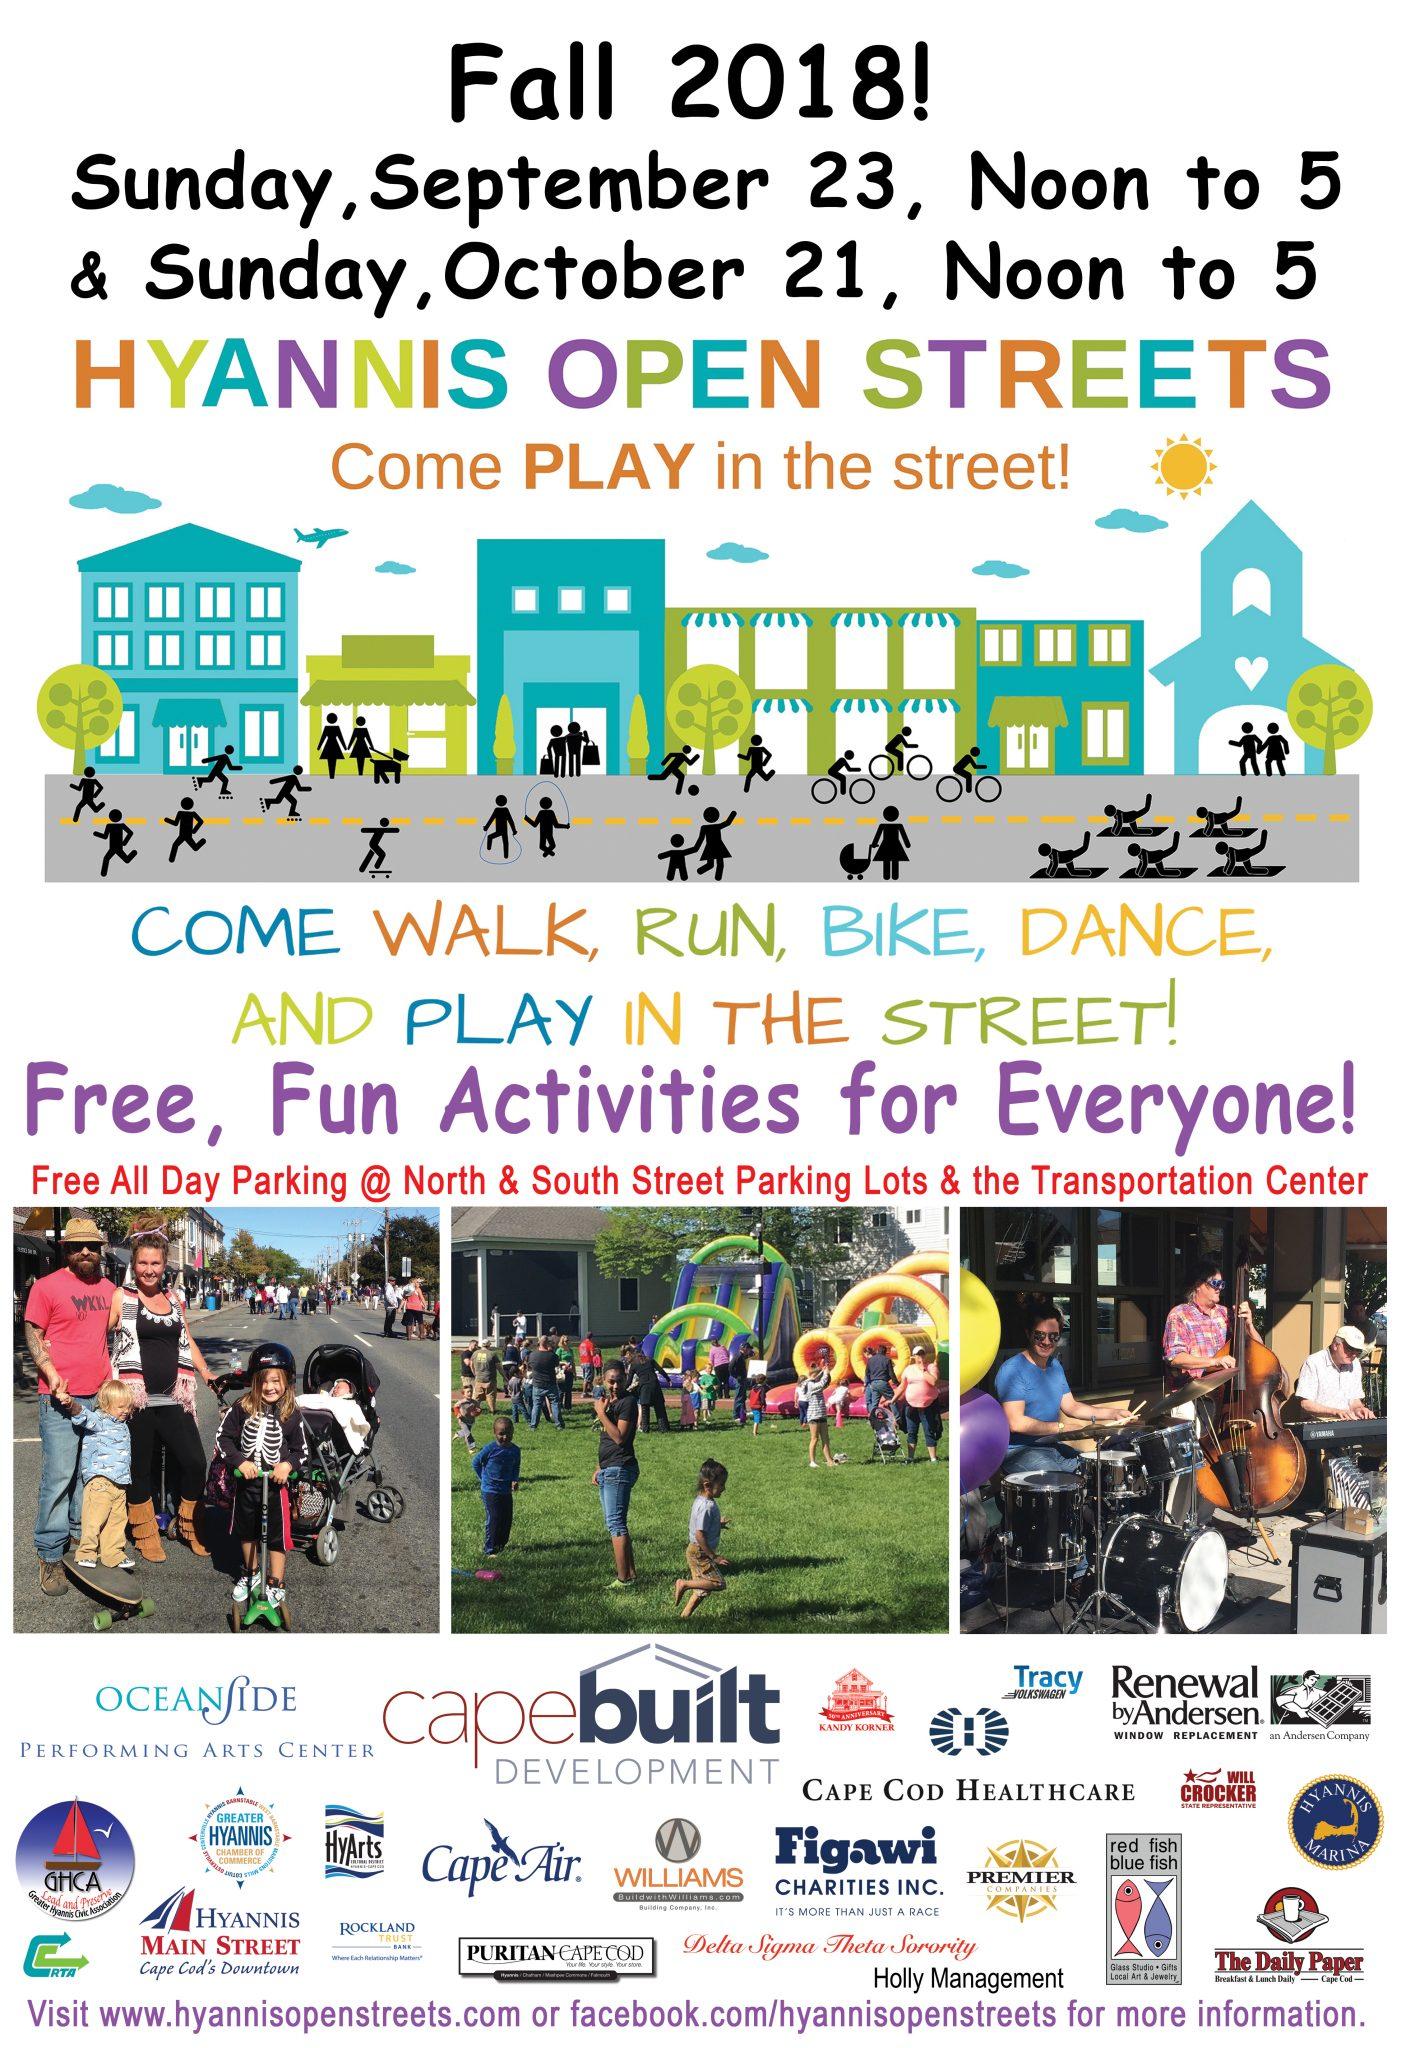 2018 Hyannis Open Streets Schedule